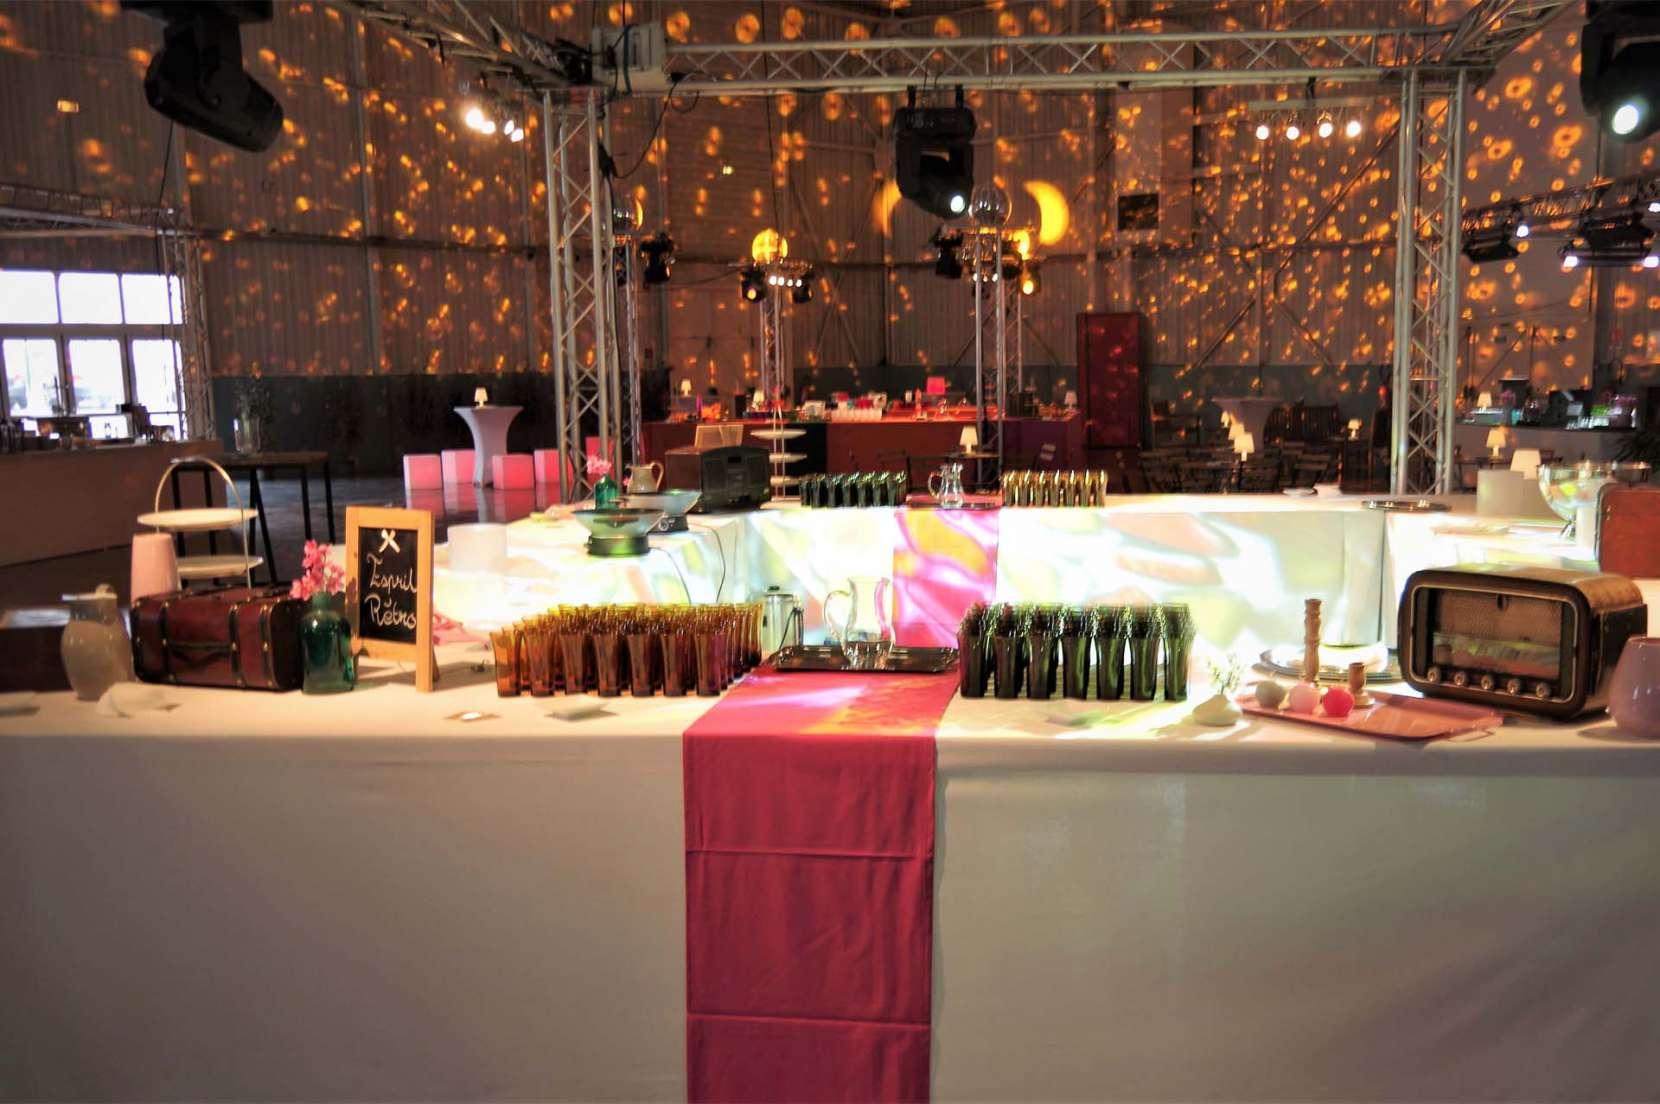 cocktail-pour-80-ans-UPSA-Palais-congrès-Agen-1660x1104.jpg